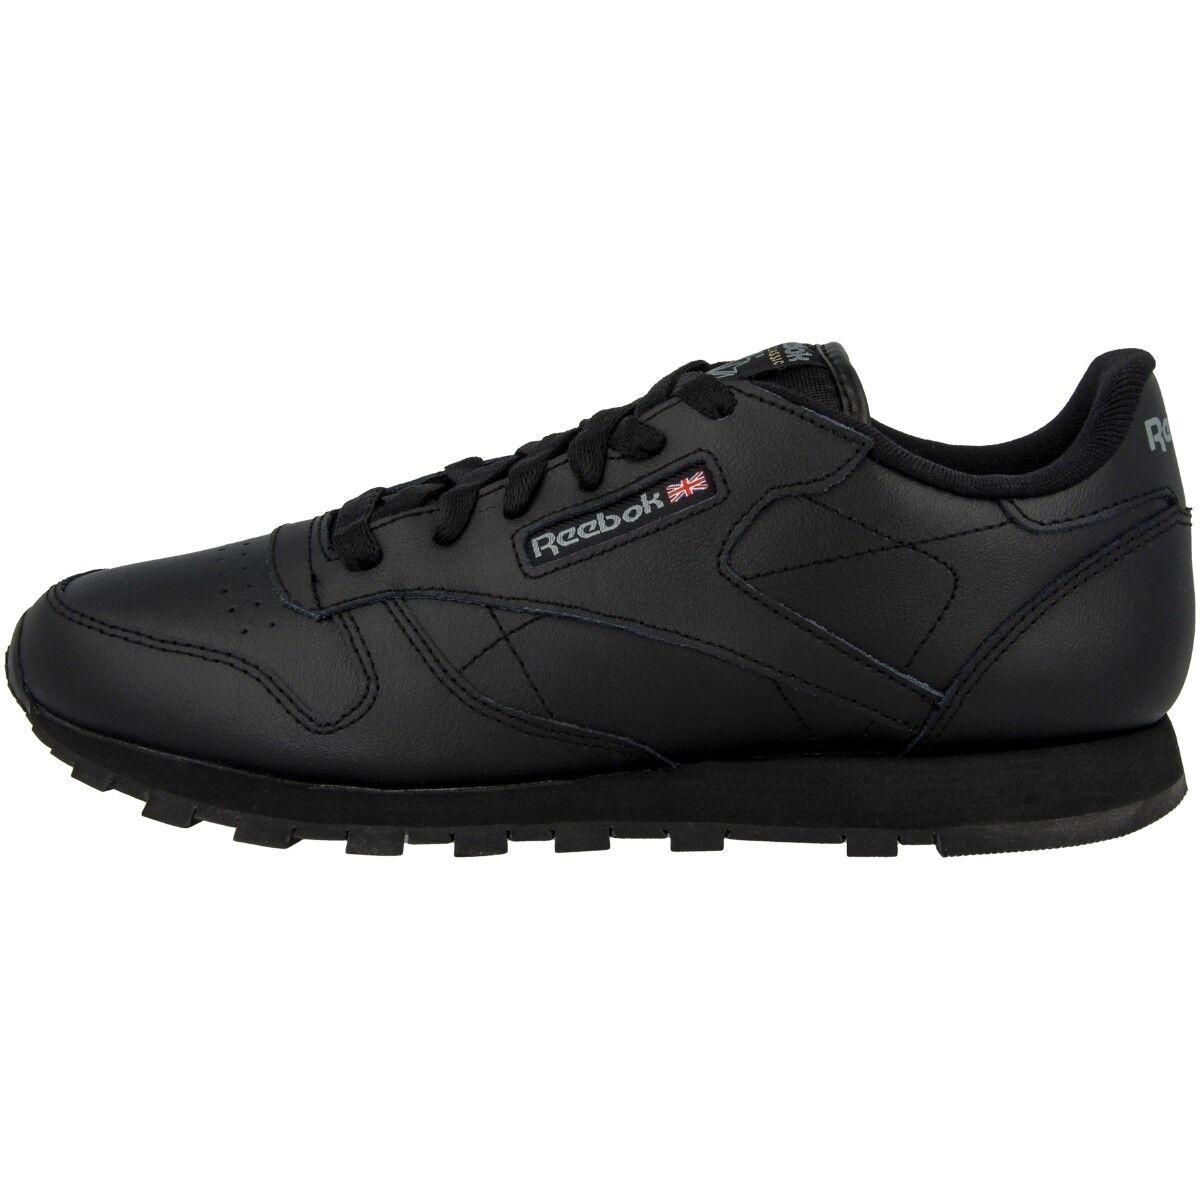 Reebok Reebok Reebok Cuero Clásico Gs Zapatos Mujeres Ocio Deporte Zapatillas Deportivas 50149  garantía de crédito